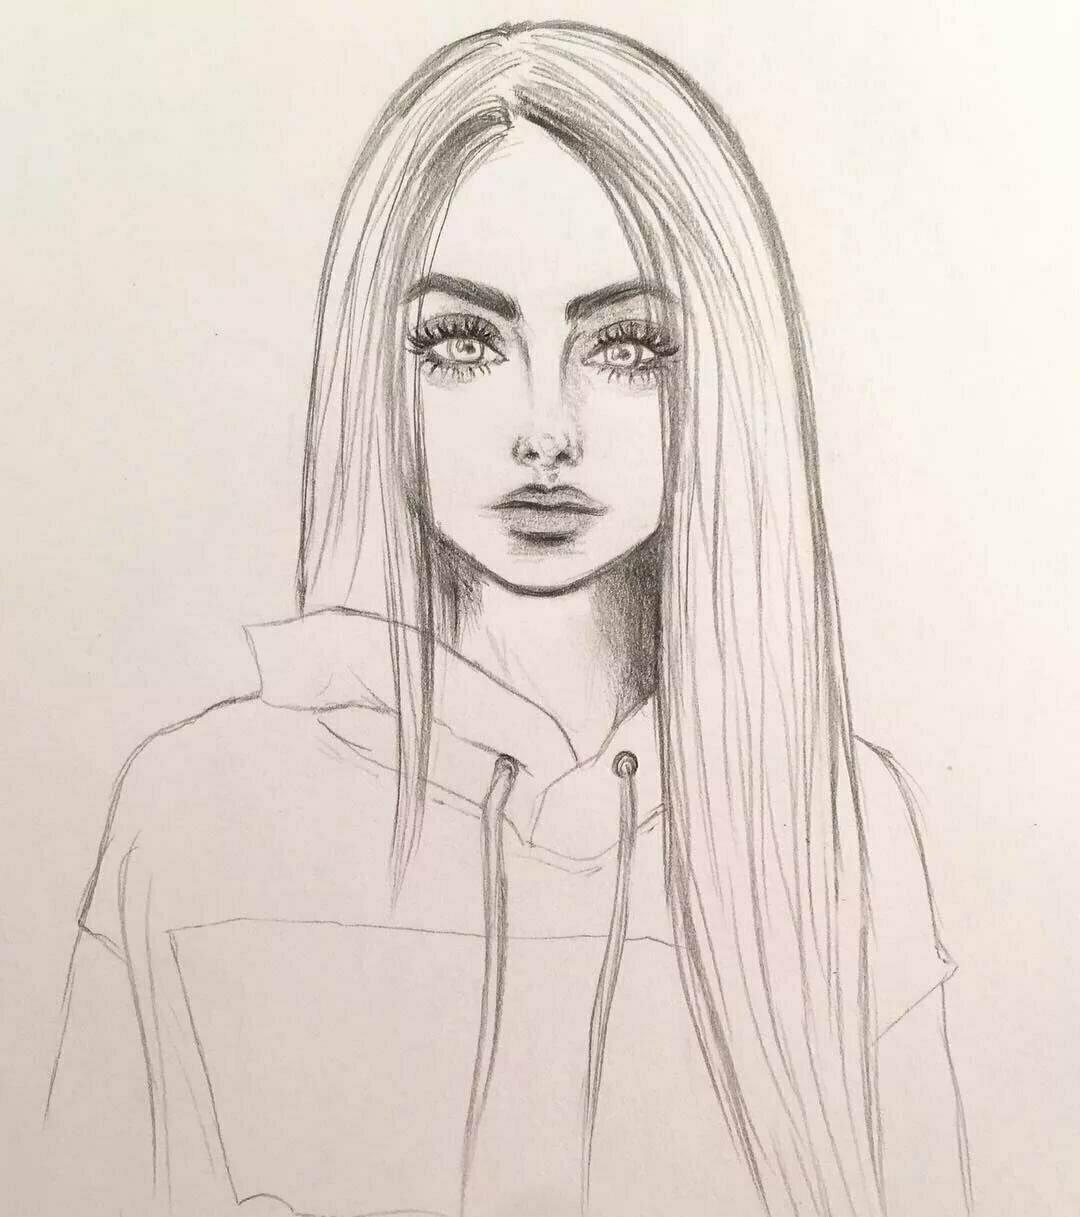 Картинки с девочками нарисованные карандашом прикольные